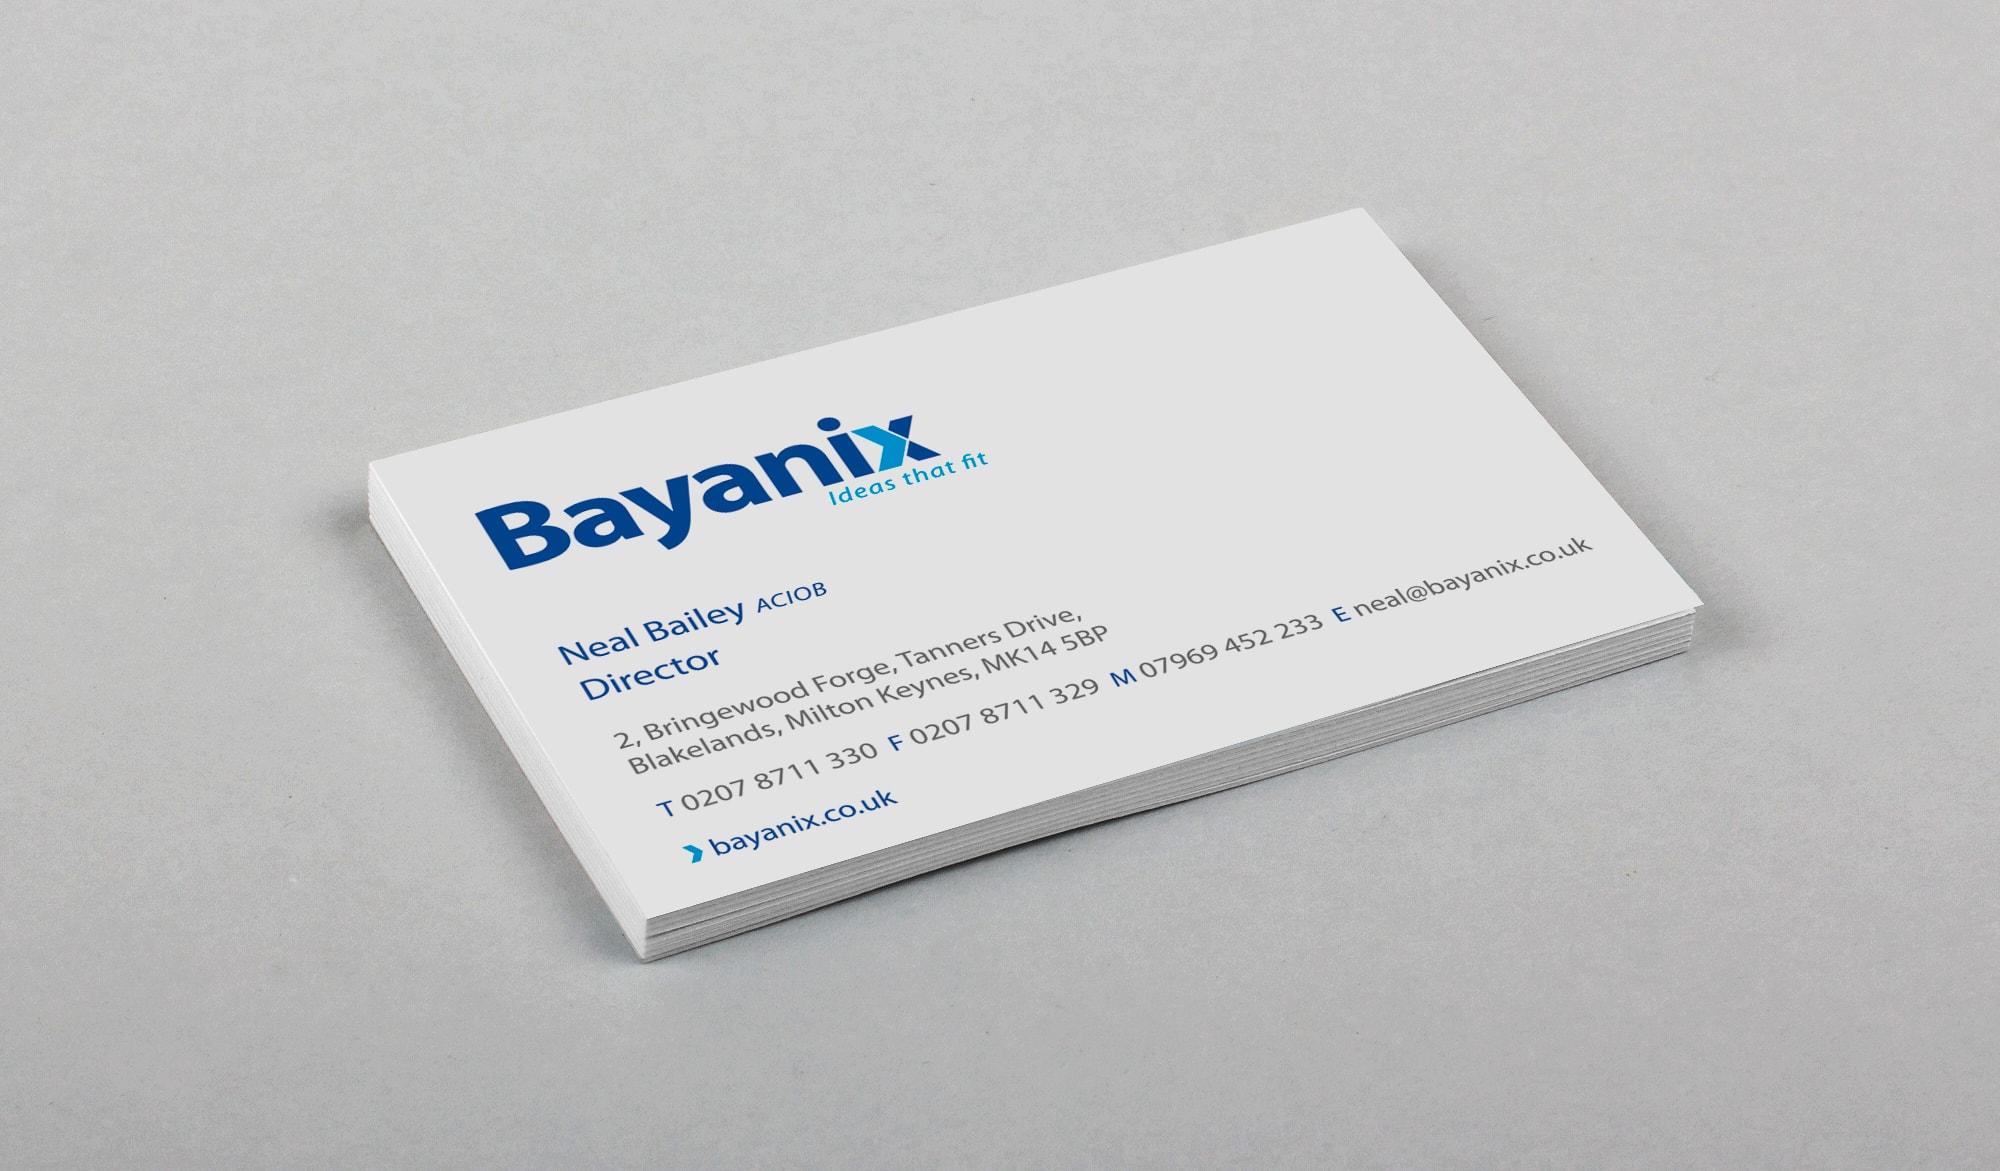 Bayanix - cards